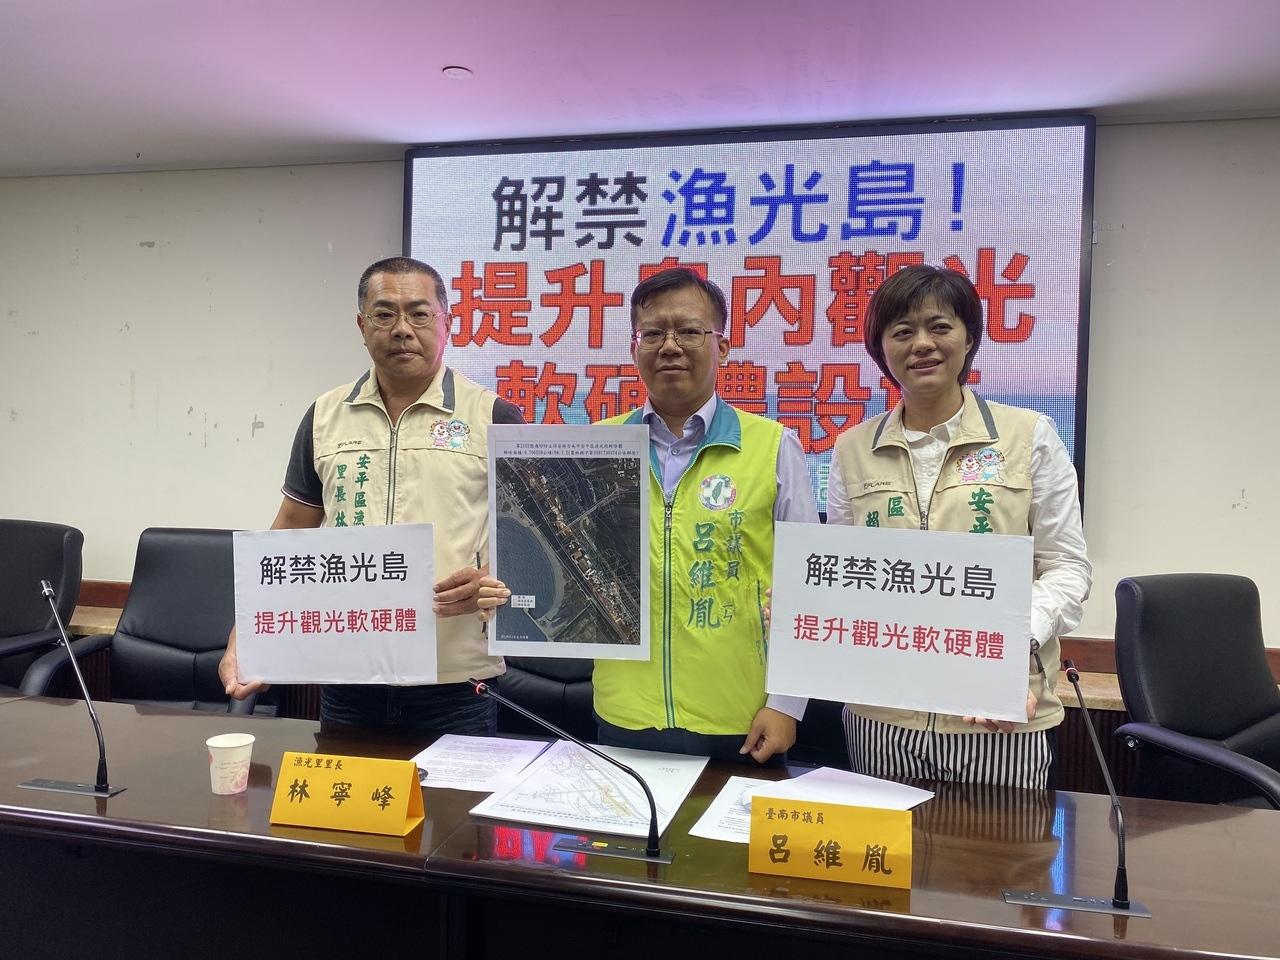 今年國慶焰火將在台南漁光島登場,議員憂心基本硬體設施不足因應遊客湧入。